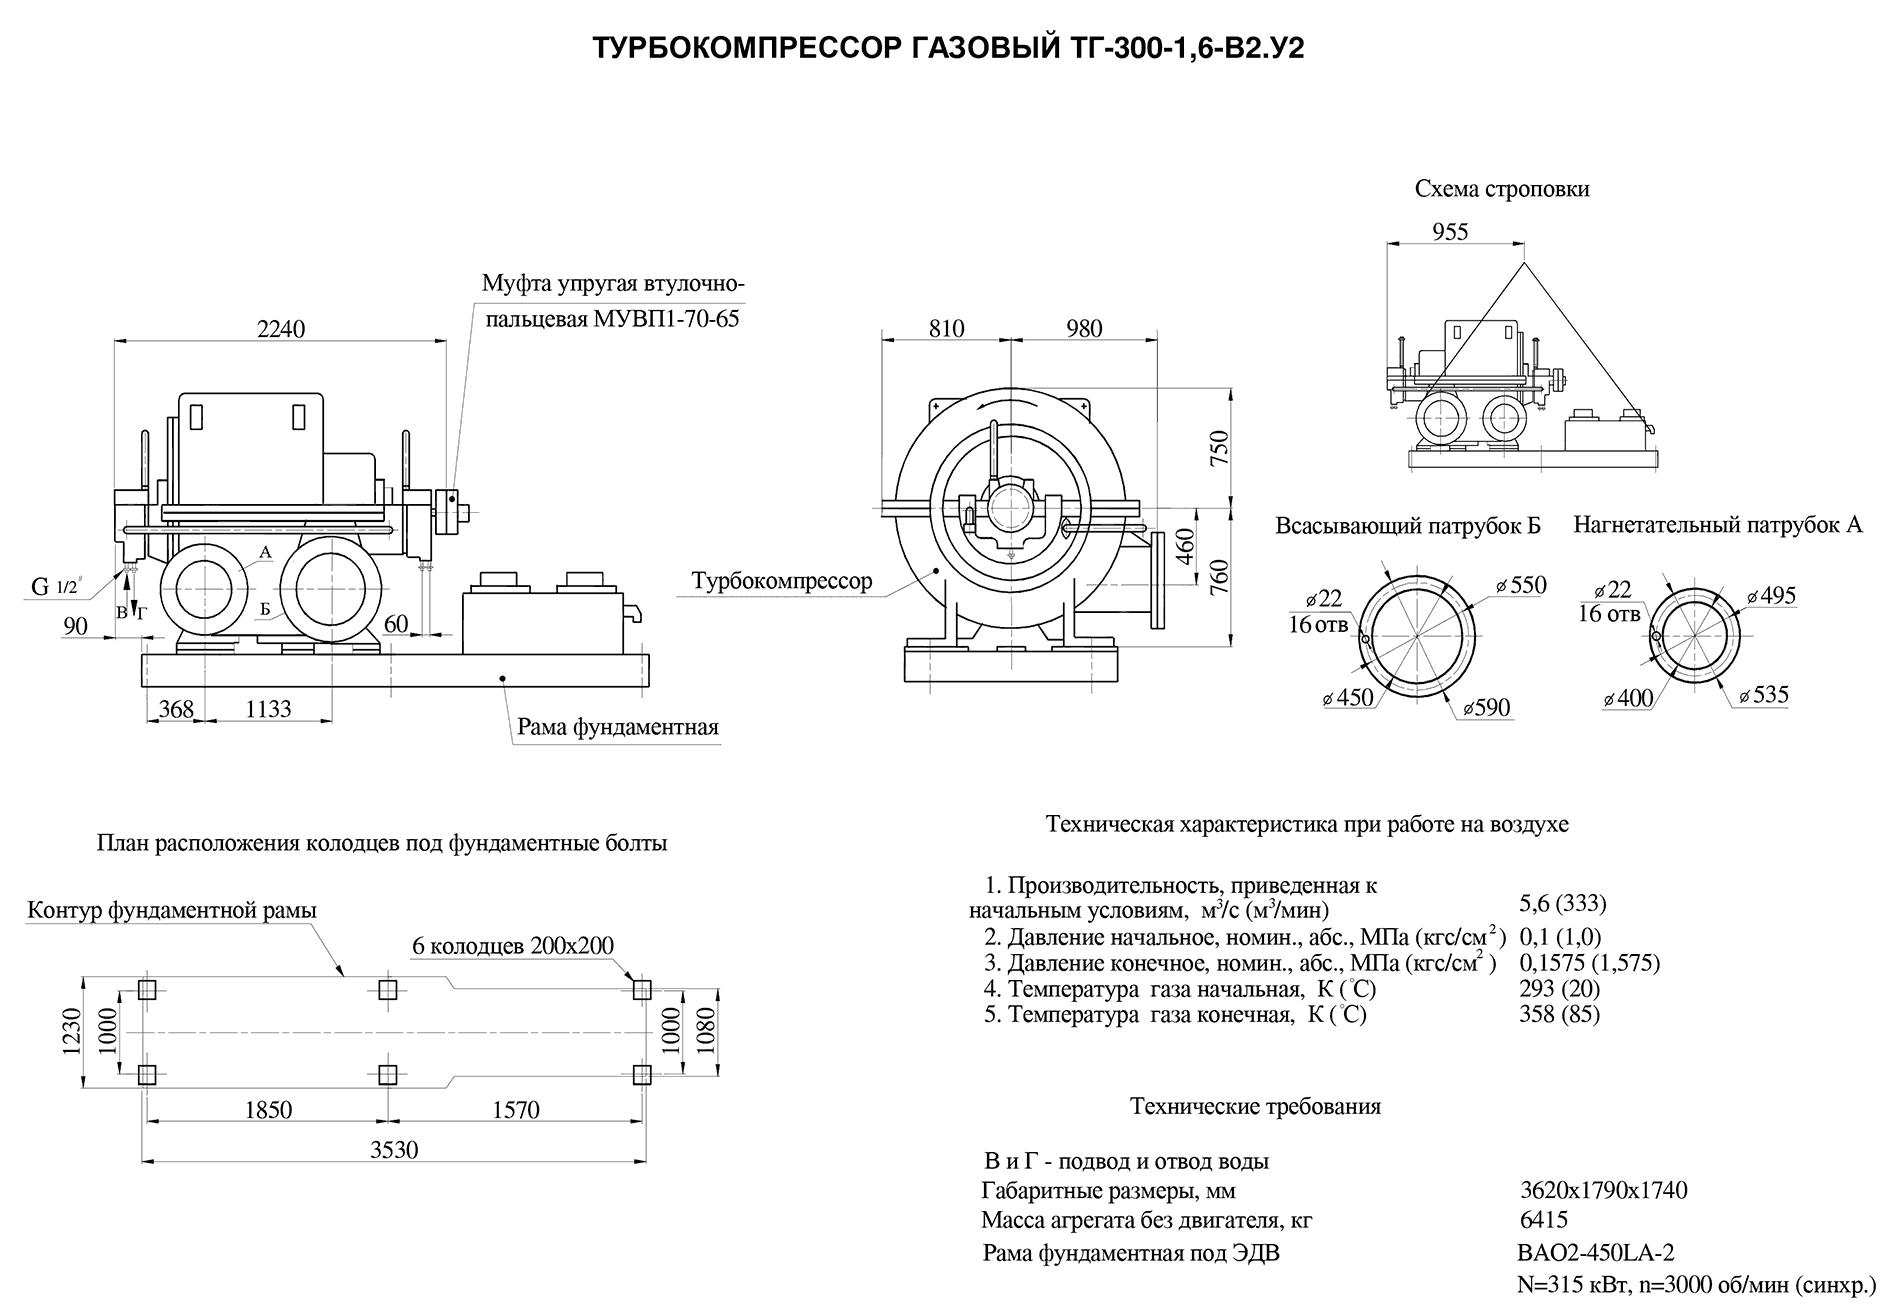 Описание ТГ-300-1,6